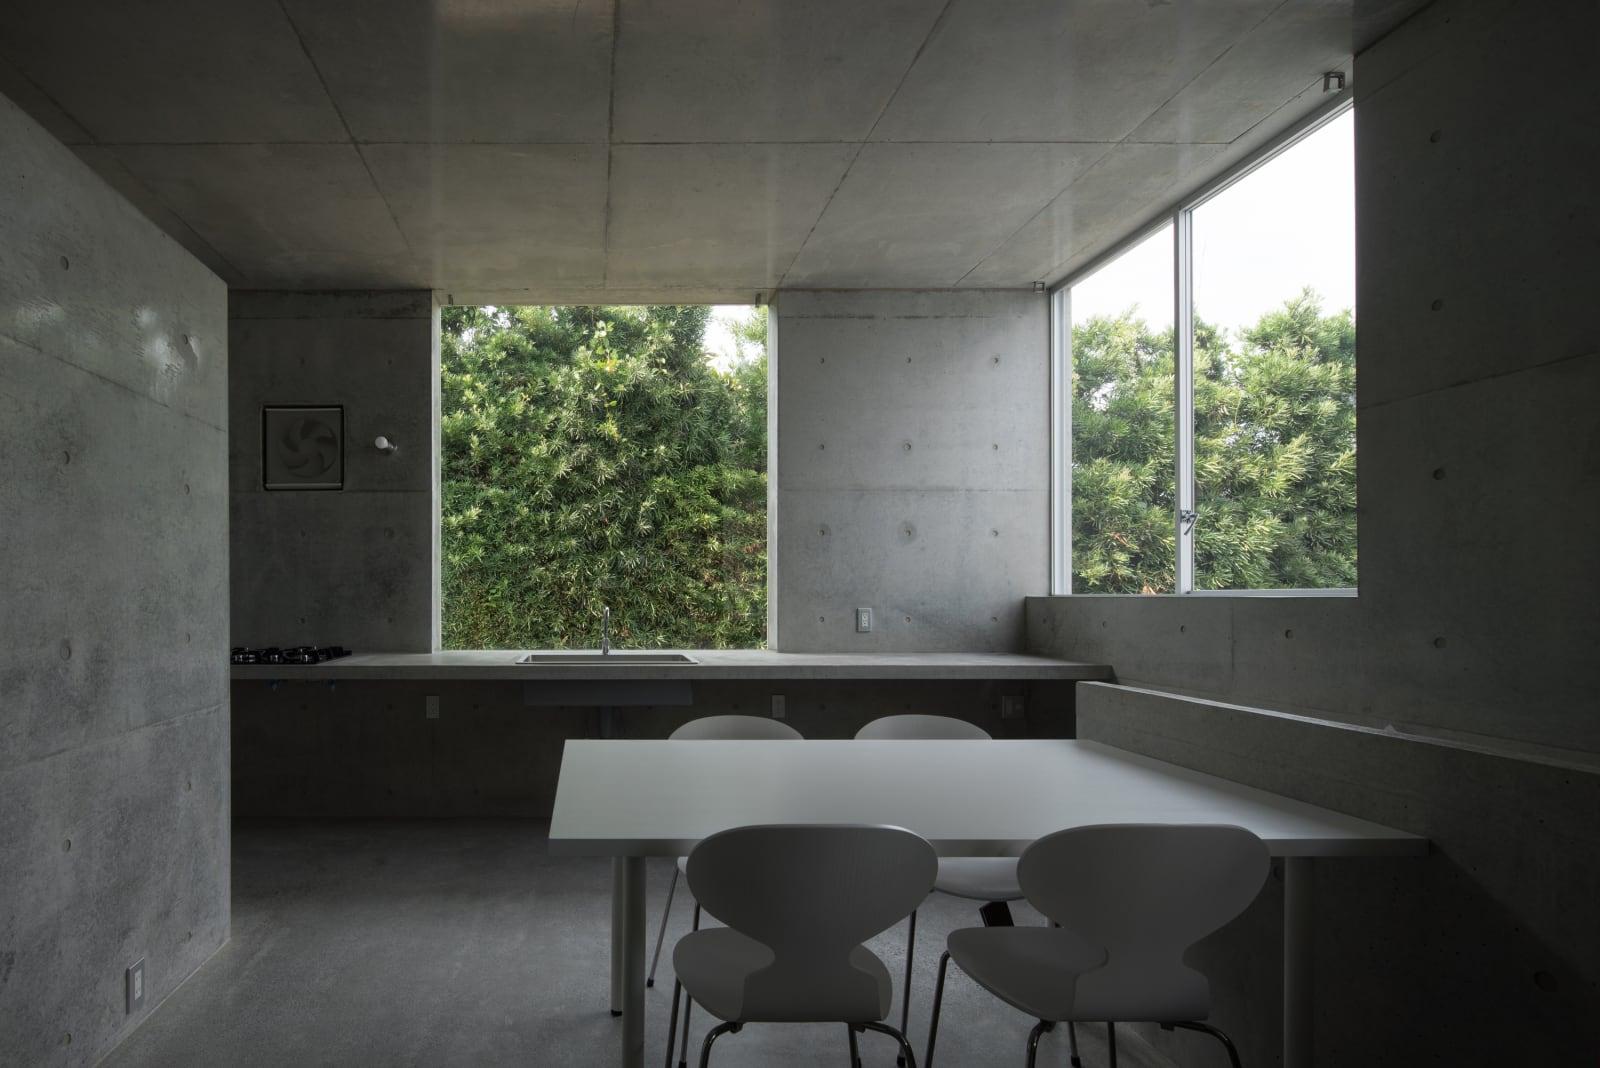 kazunori-fujimoto-house-in-akitsu-7